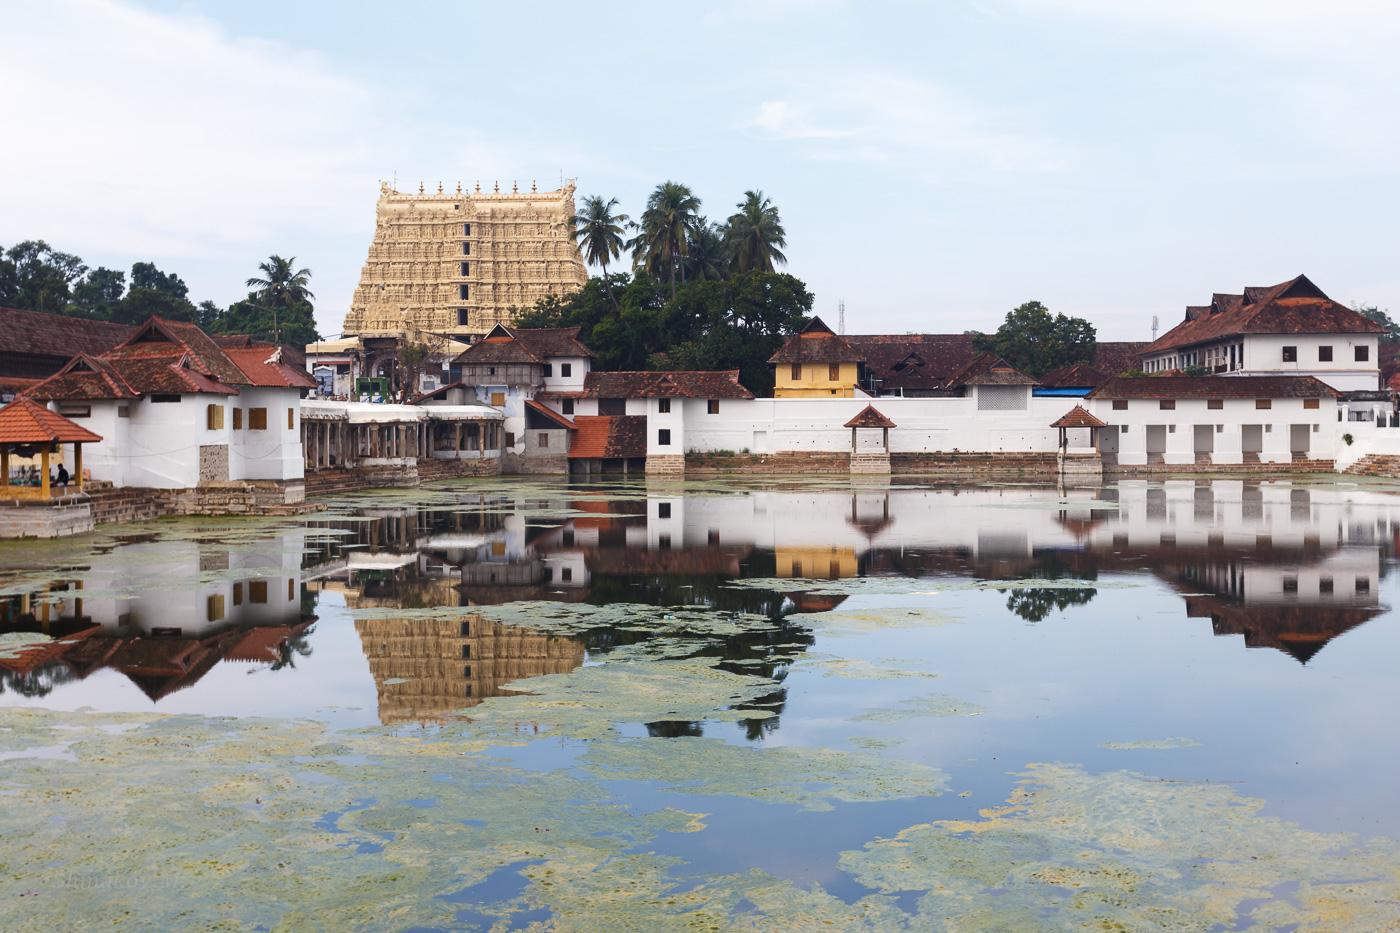 Фотография 25. Вид на храм Падманабхасвами (Sri Padmanabhaswamy Temple). Стоит ли ехать в Кералу (1/250; 0; 8; 100; 40).